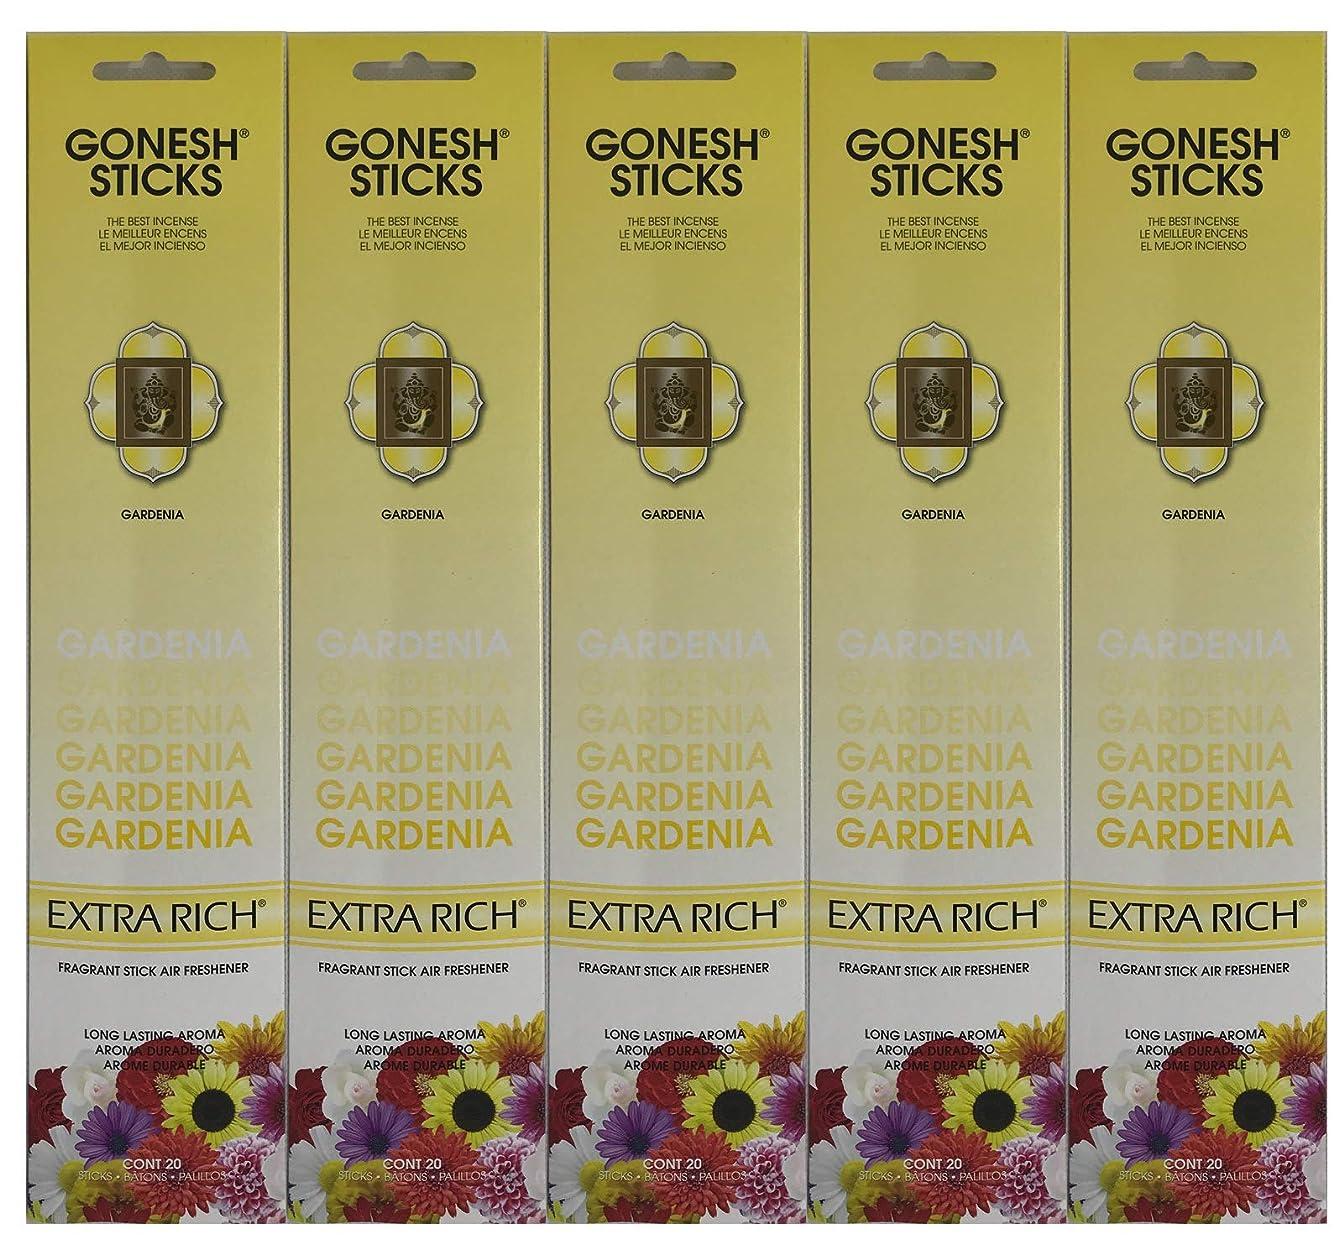 フラフープ緯度仕立て屋Gonesh お香スティック エクストラリッチコレクション - Gardenia 5パック (合計100本)